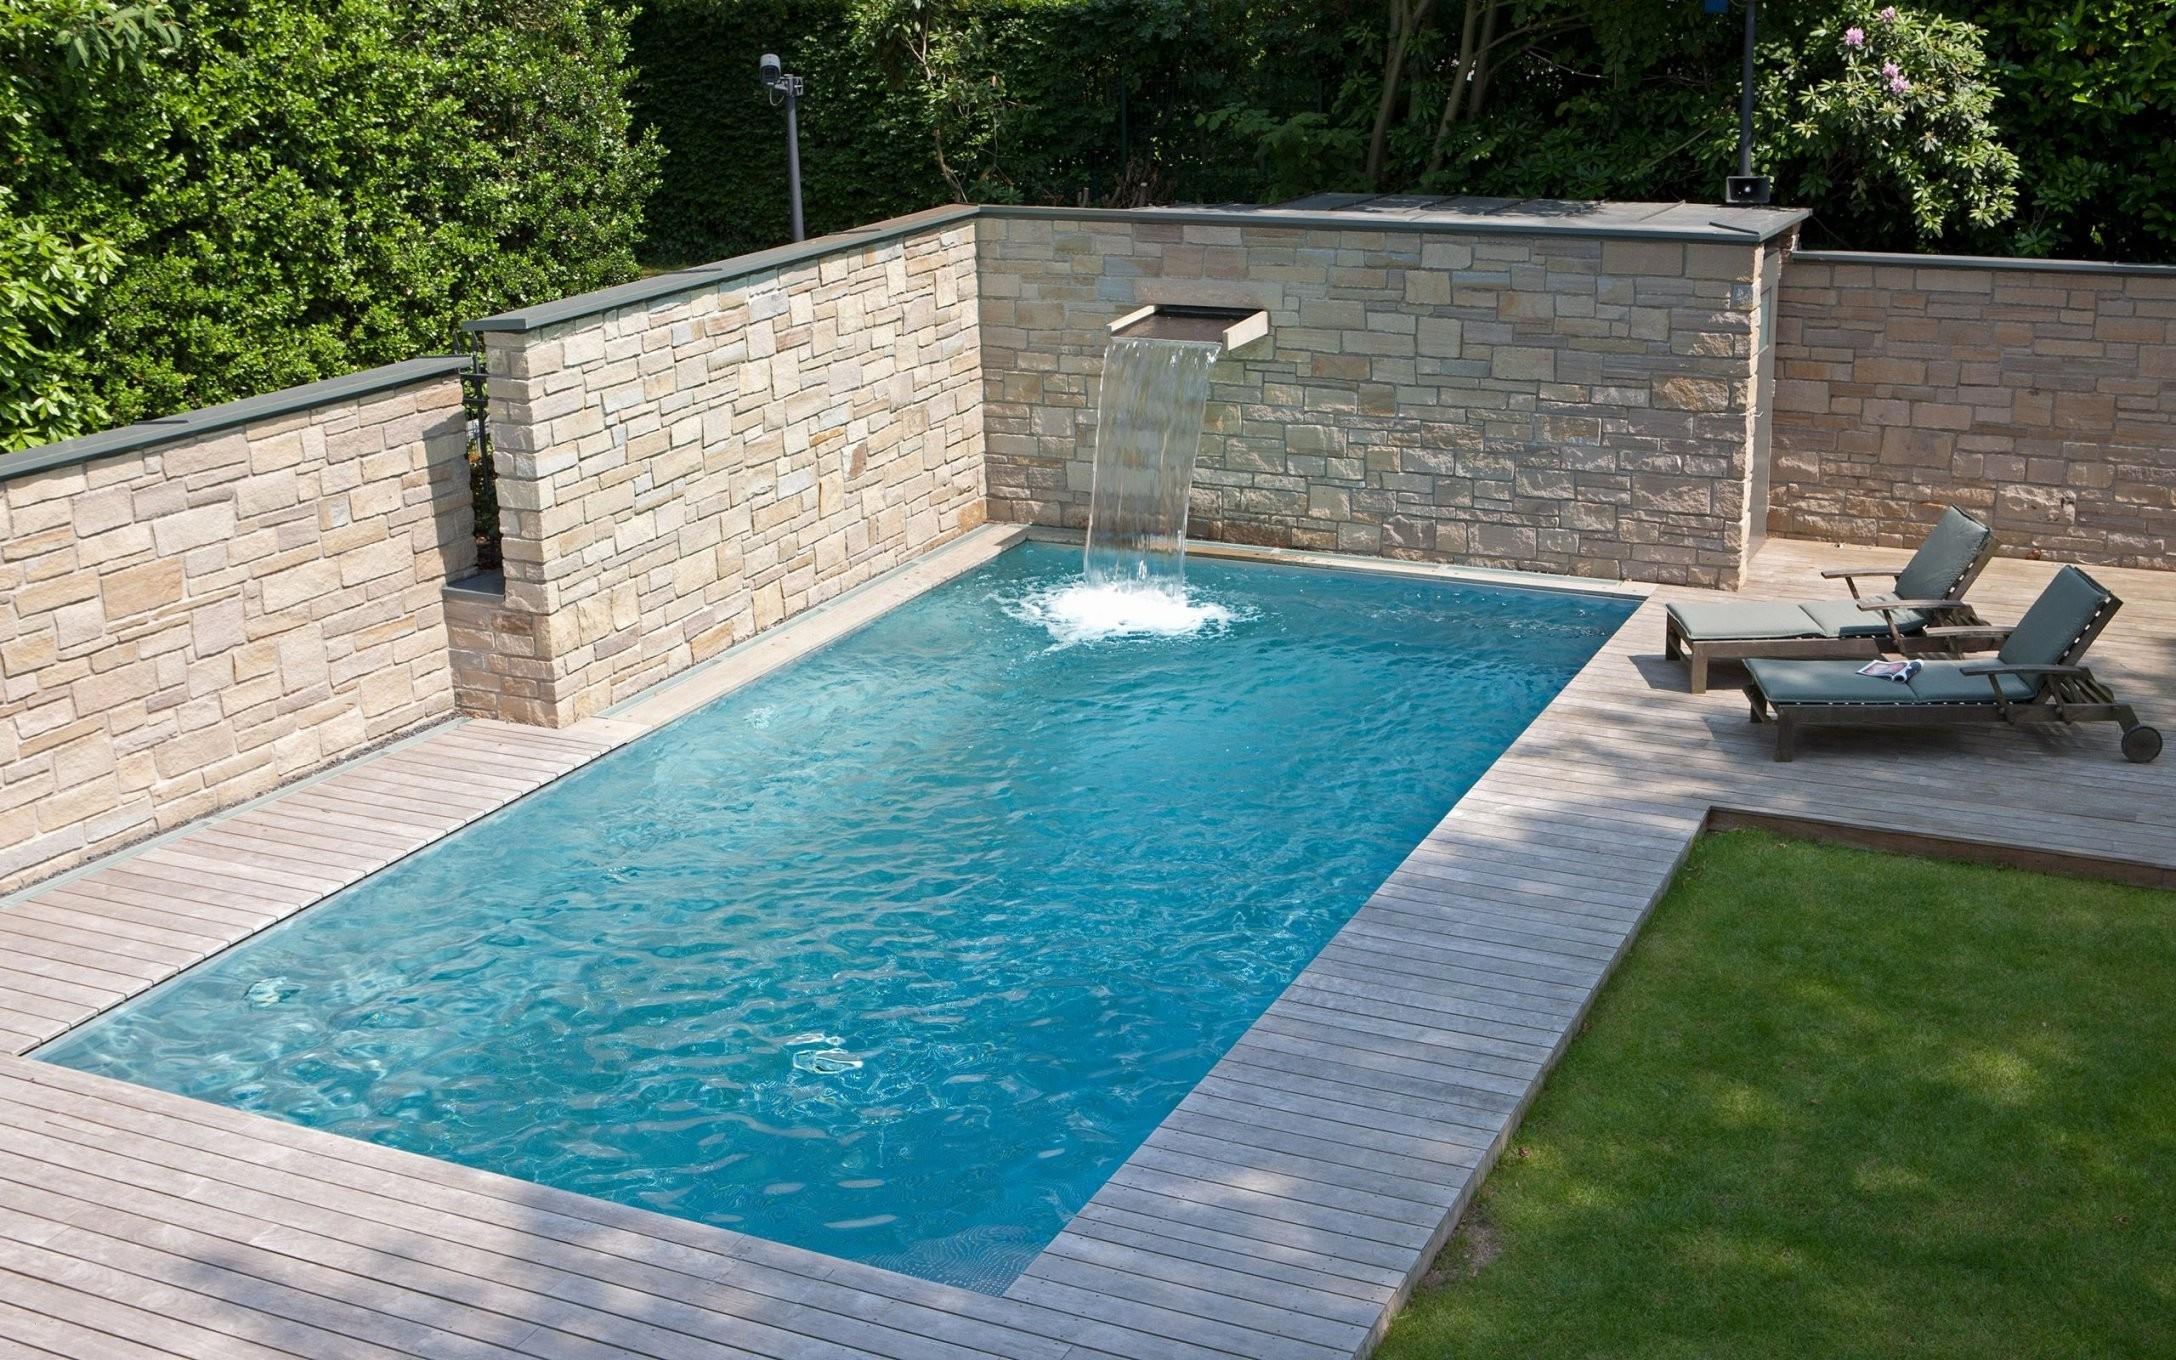 Pool Im Garten Selber Bauen Mit Pool Terrasse Bauen Attraktiv Luxus von Pool Terrasse Selber Bauen Bild